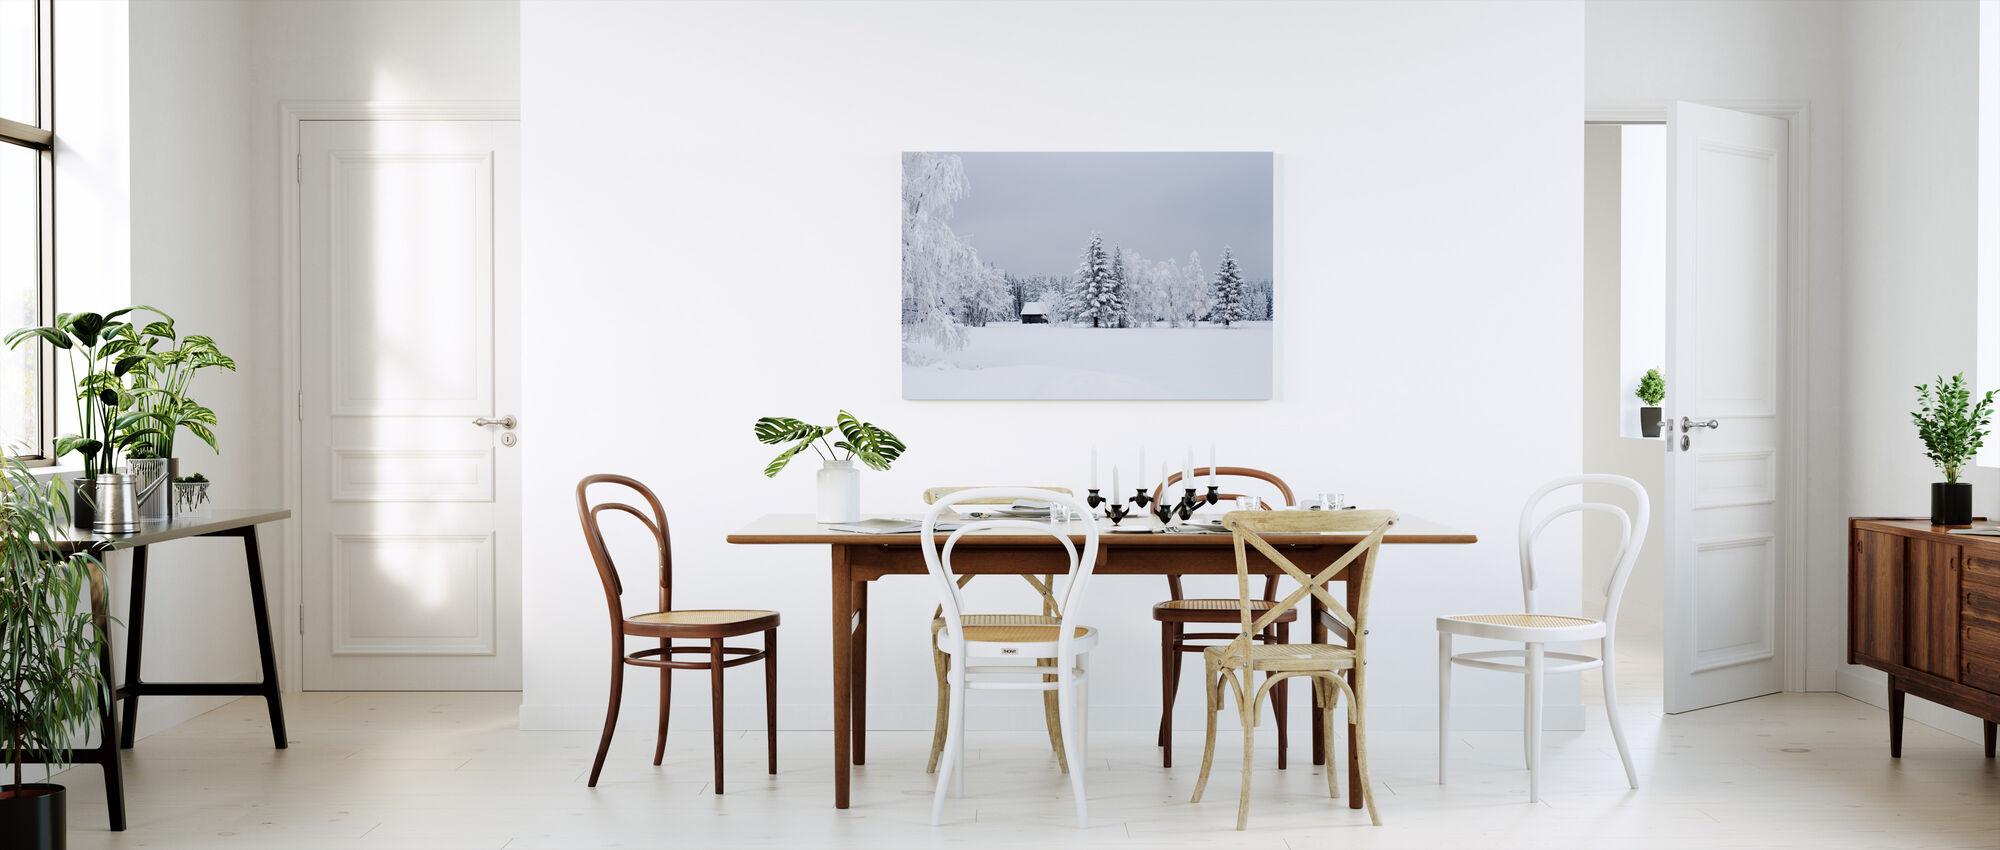 Snötäckt ladugård, Sverige - Canvastavla - Kök